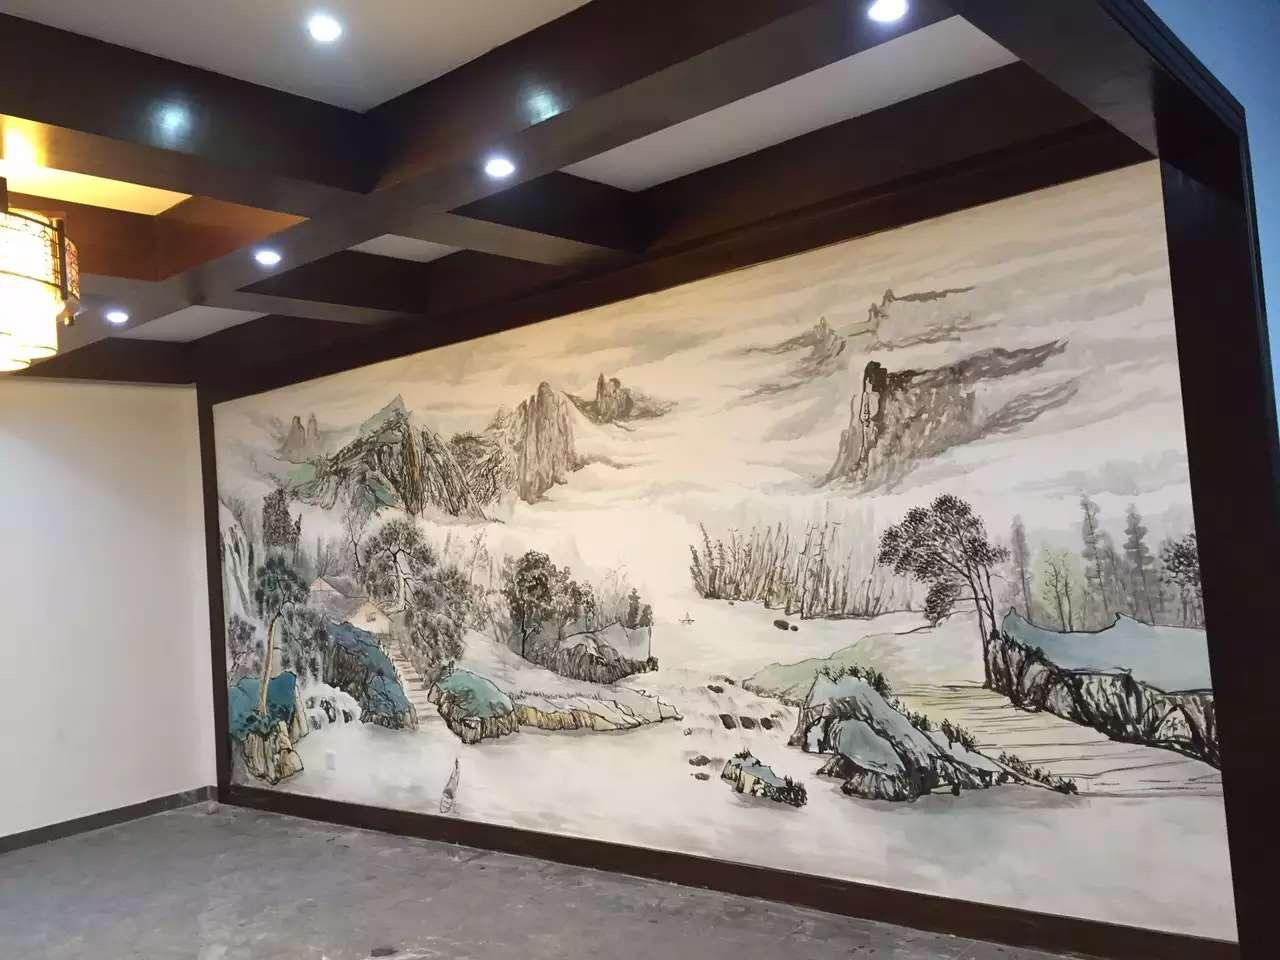 一些饭店常用手绘壁画作品欣赏!-金兰草手绘壁画公司